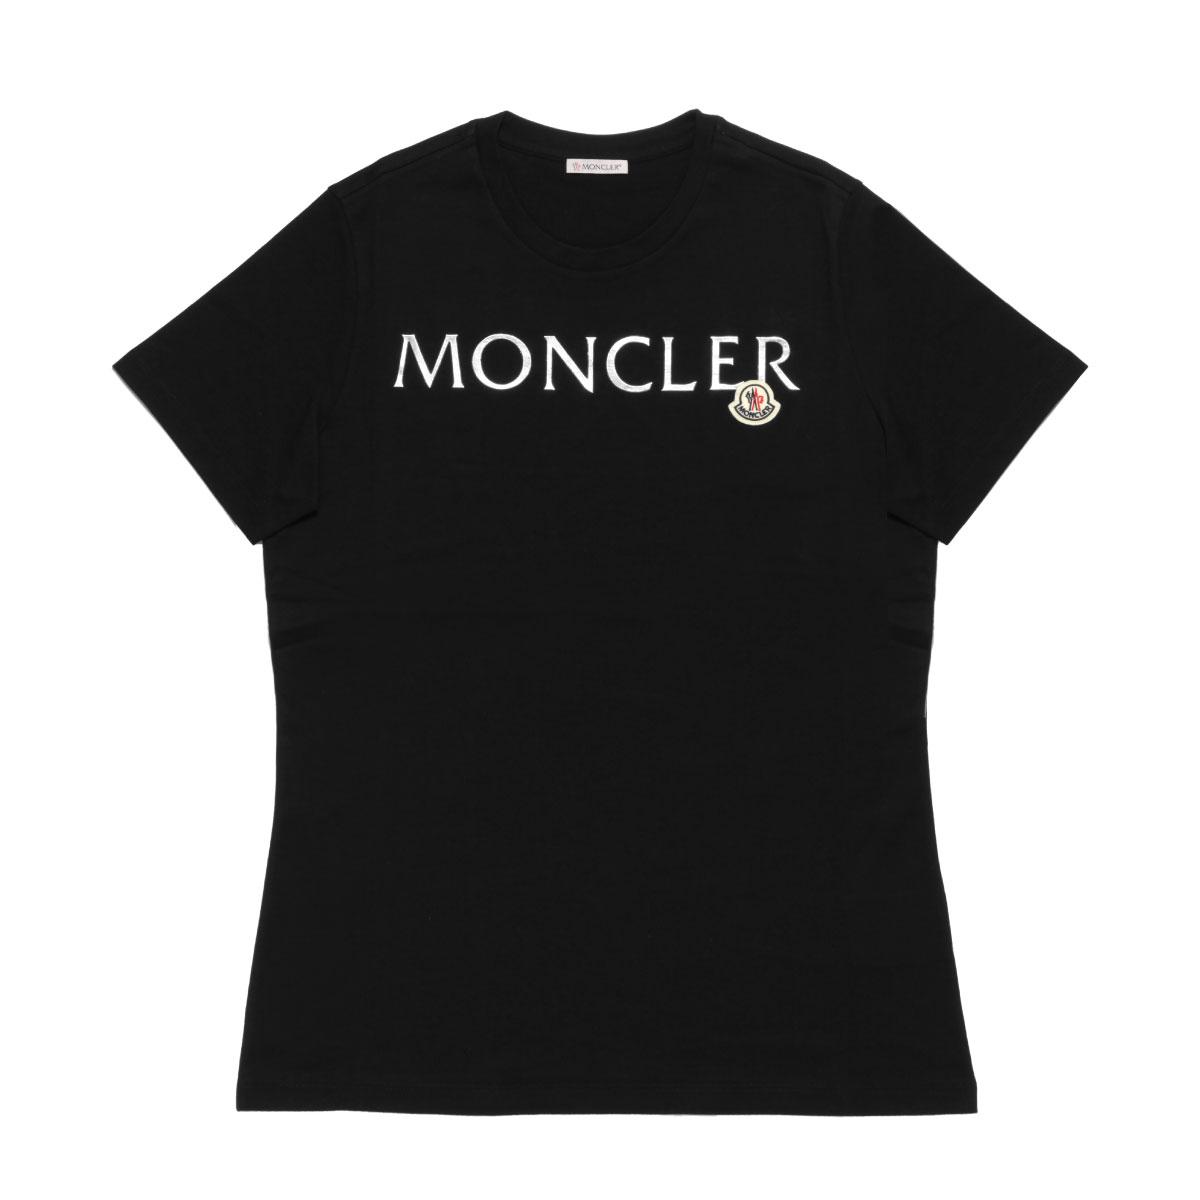 モンクレール MONCLER Tシャツ レディース 8C71510 V8094 999 半袖Tシャツ BLACK ブラック